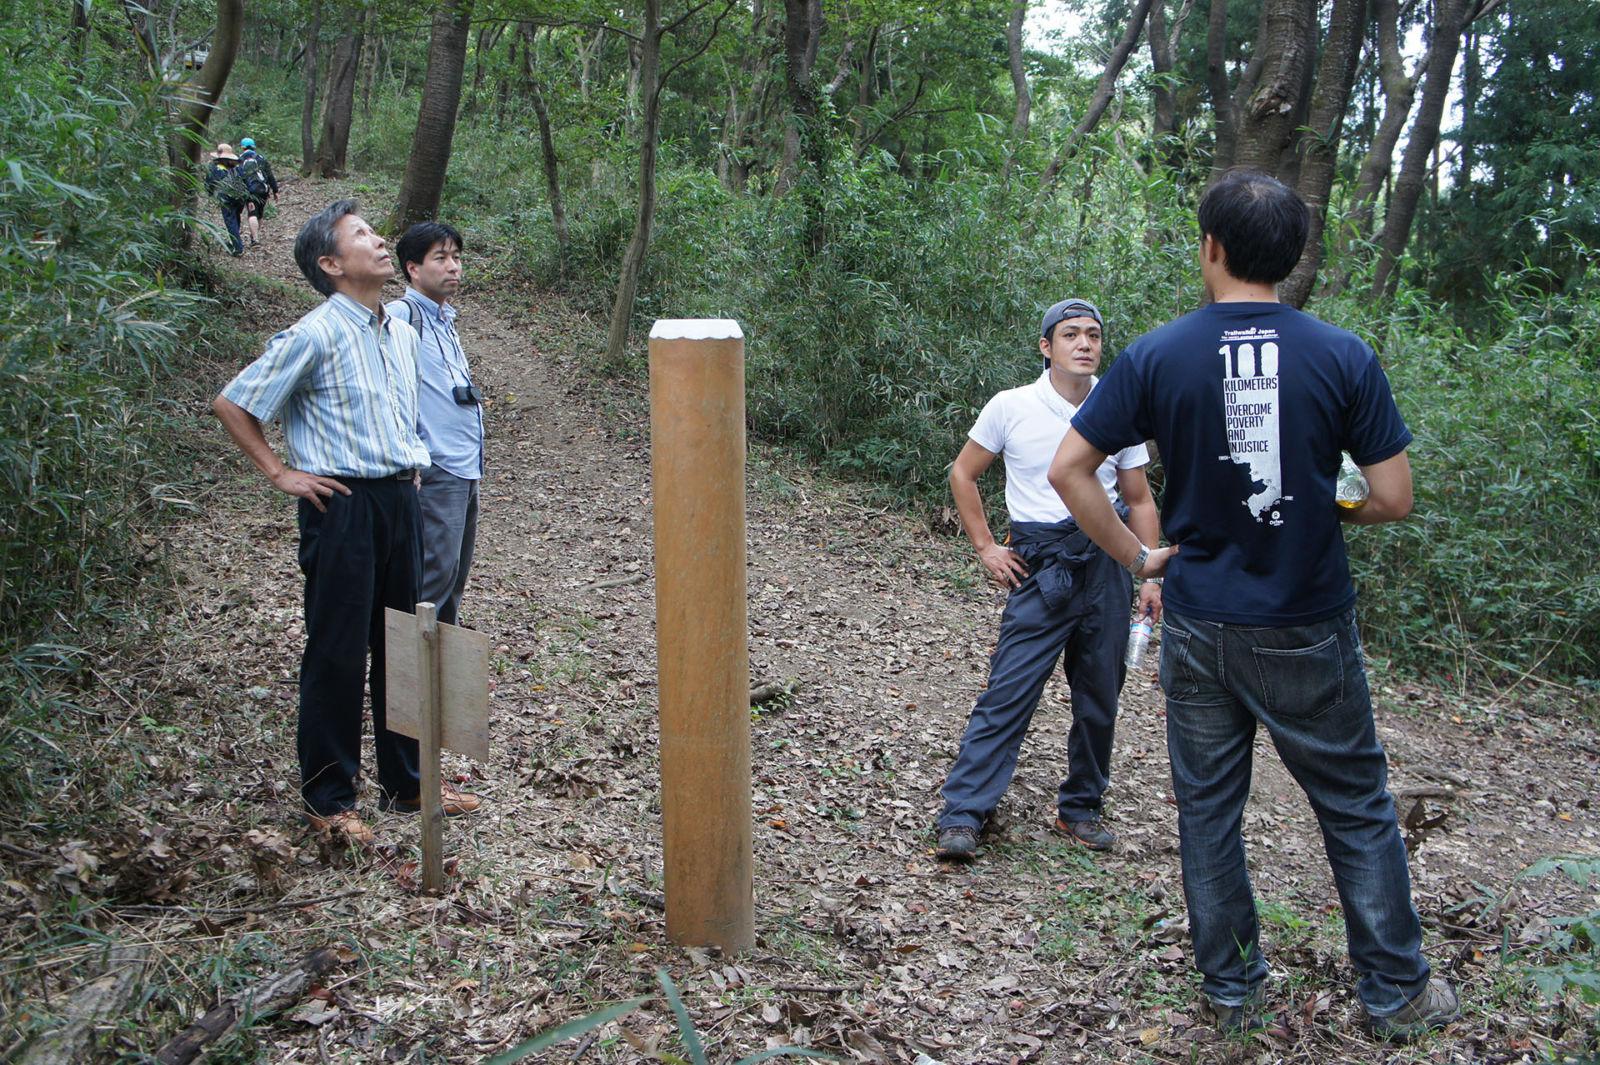 澤上篤人が森を行く